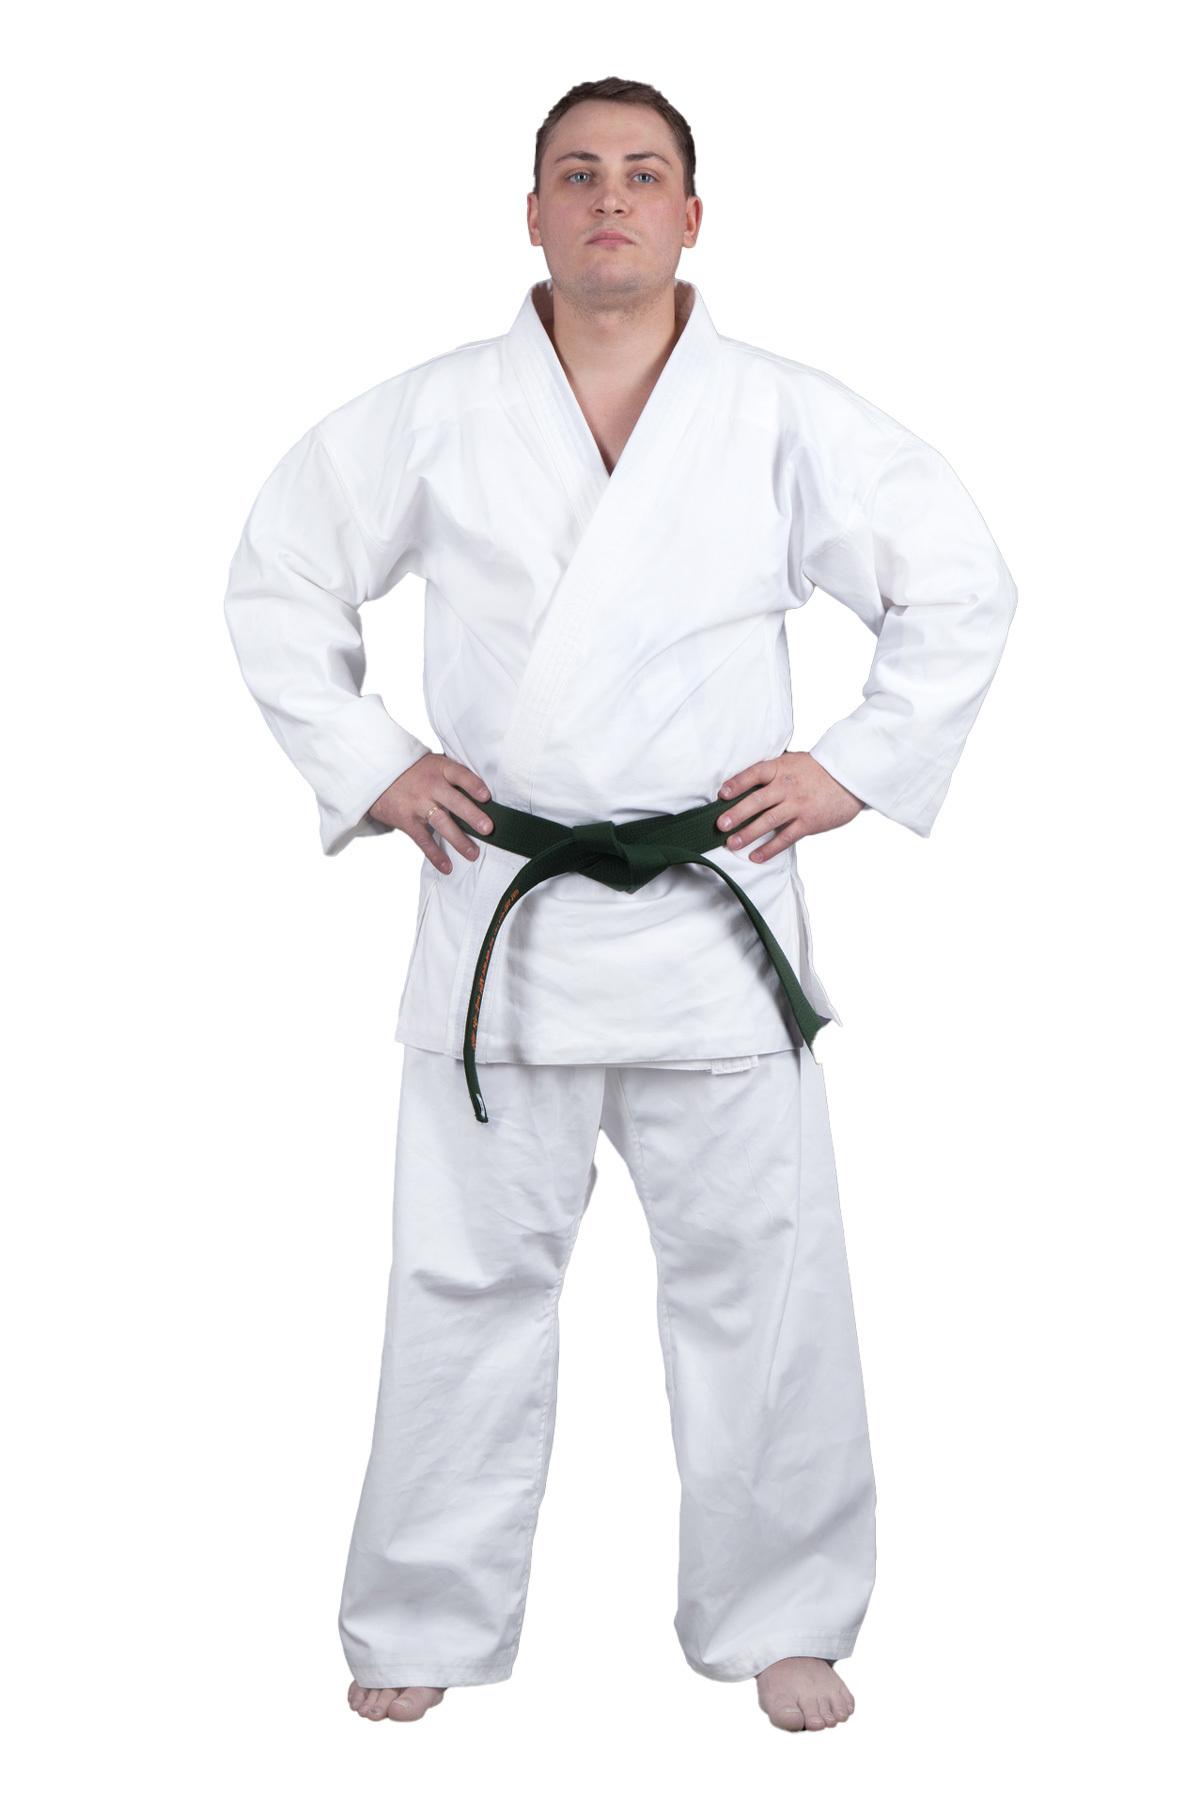 Кимоно / Доги Кимоно для Каратэ, Рукопашного боя, Айкидо kimono-karate.jpg